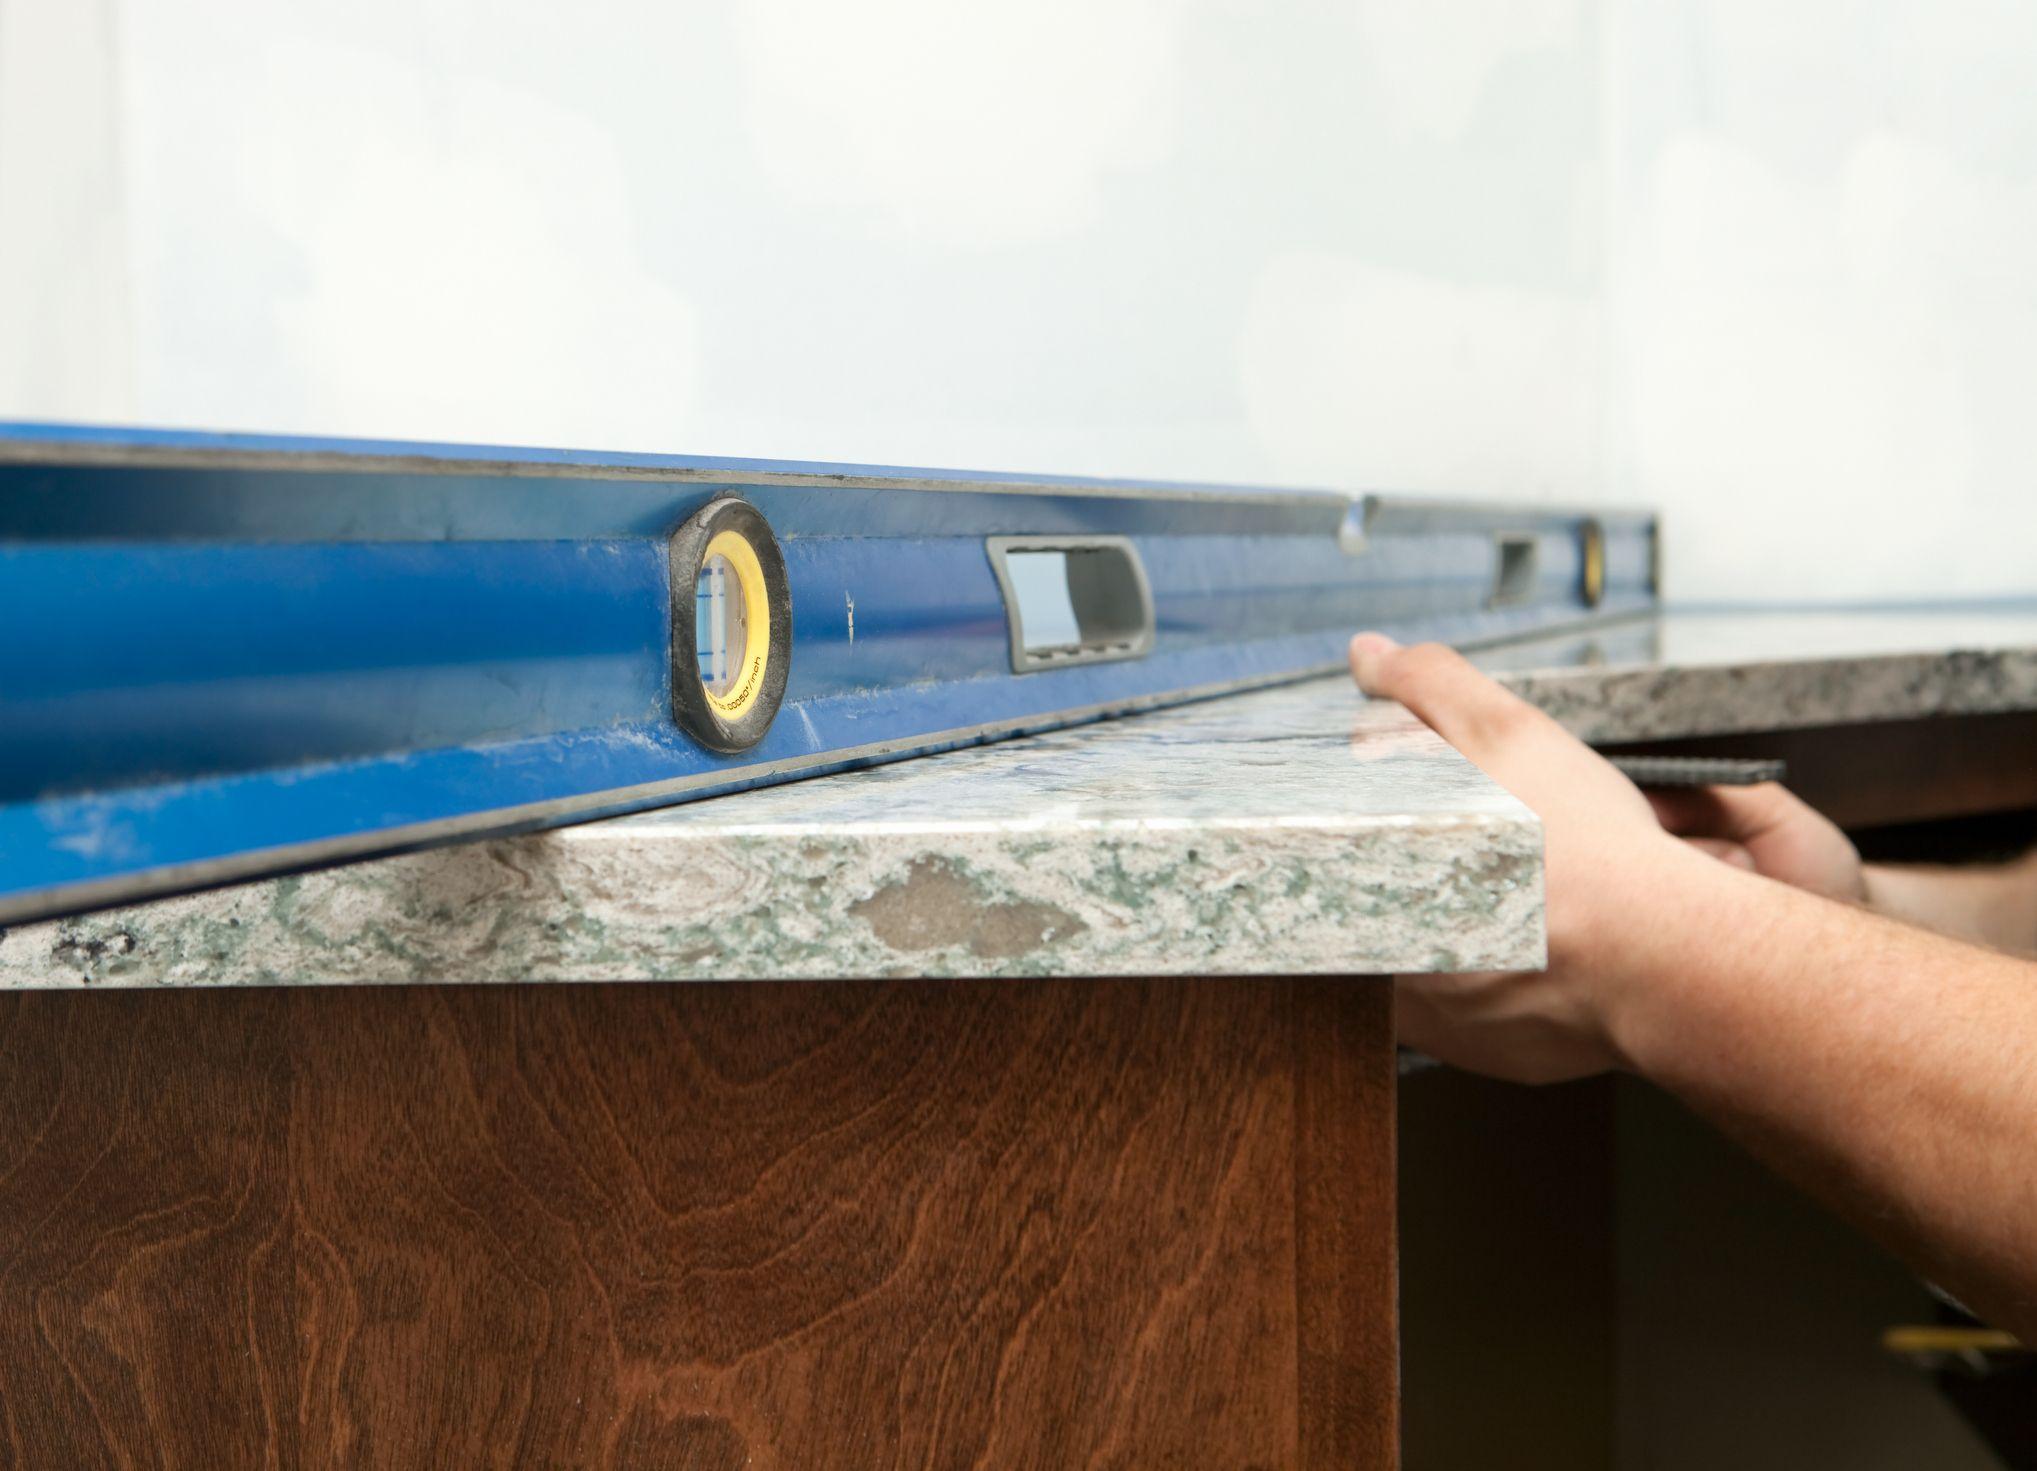 Đá công nghiệp có khả năng thi công linh hoạt, tùy biến về kích thước, độ dày, mỏng